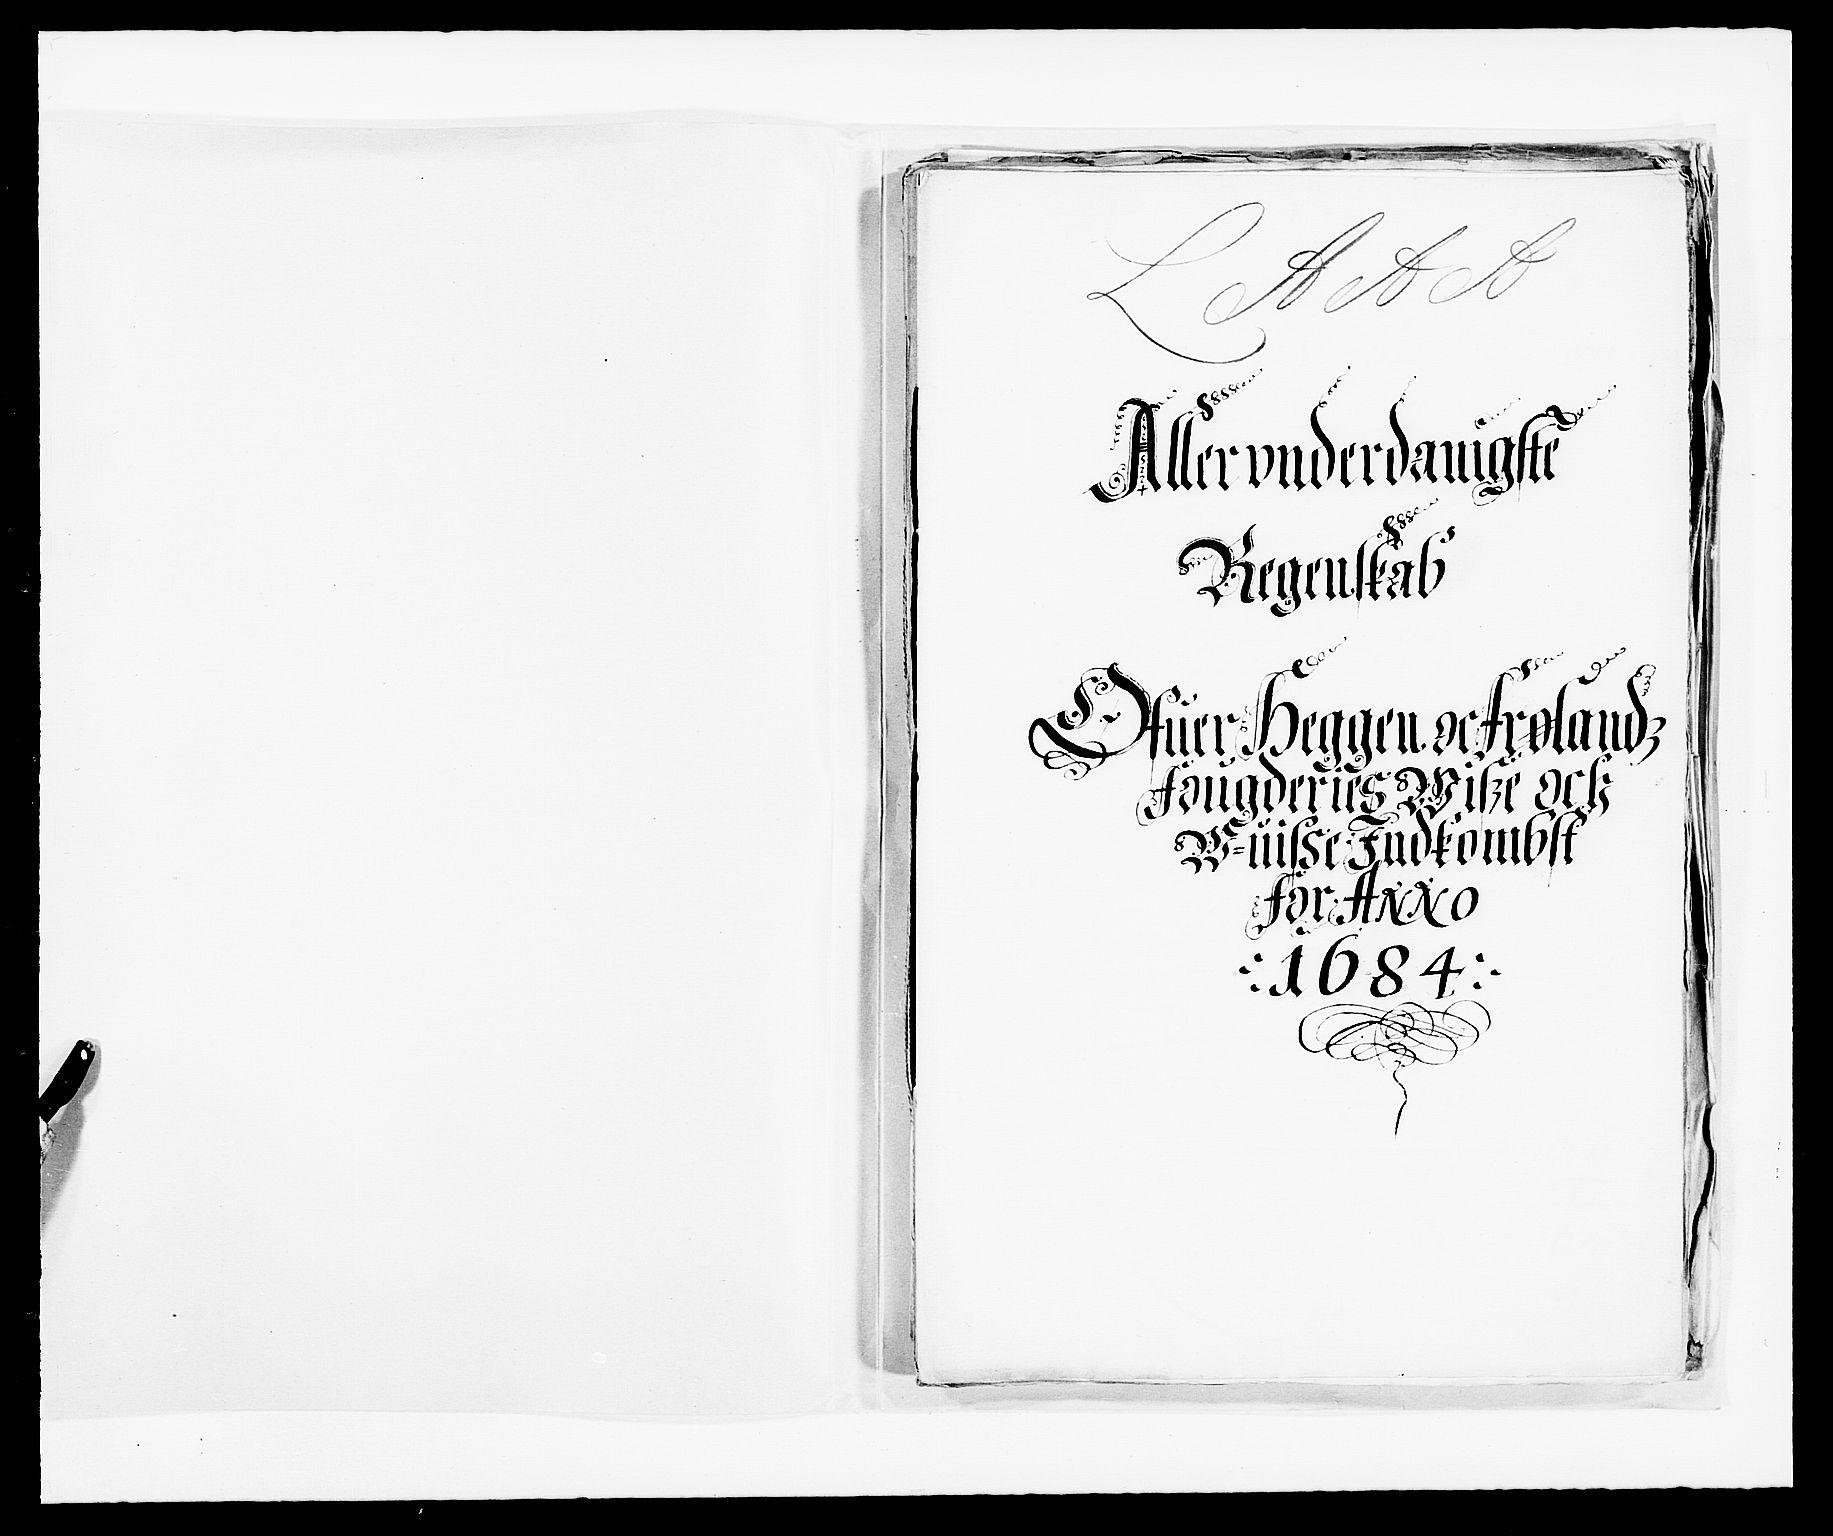 RA, Rentekammeret inntil 1814, Reviderte regnskaper, Fogderegnskap, R06/L0280: Fogderegnskap Heggen og Frøland, 1681-1684, s. 426